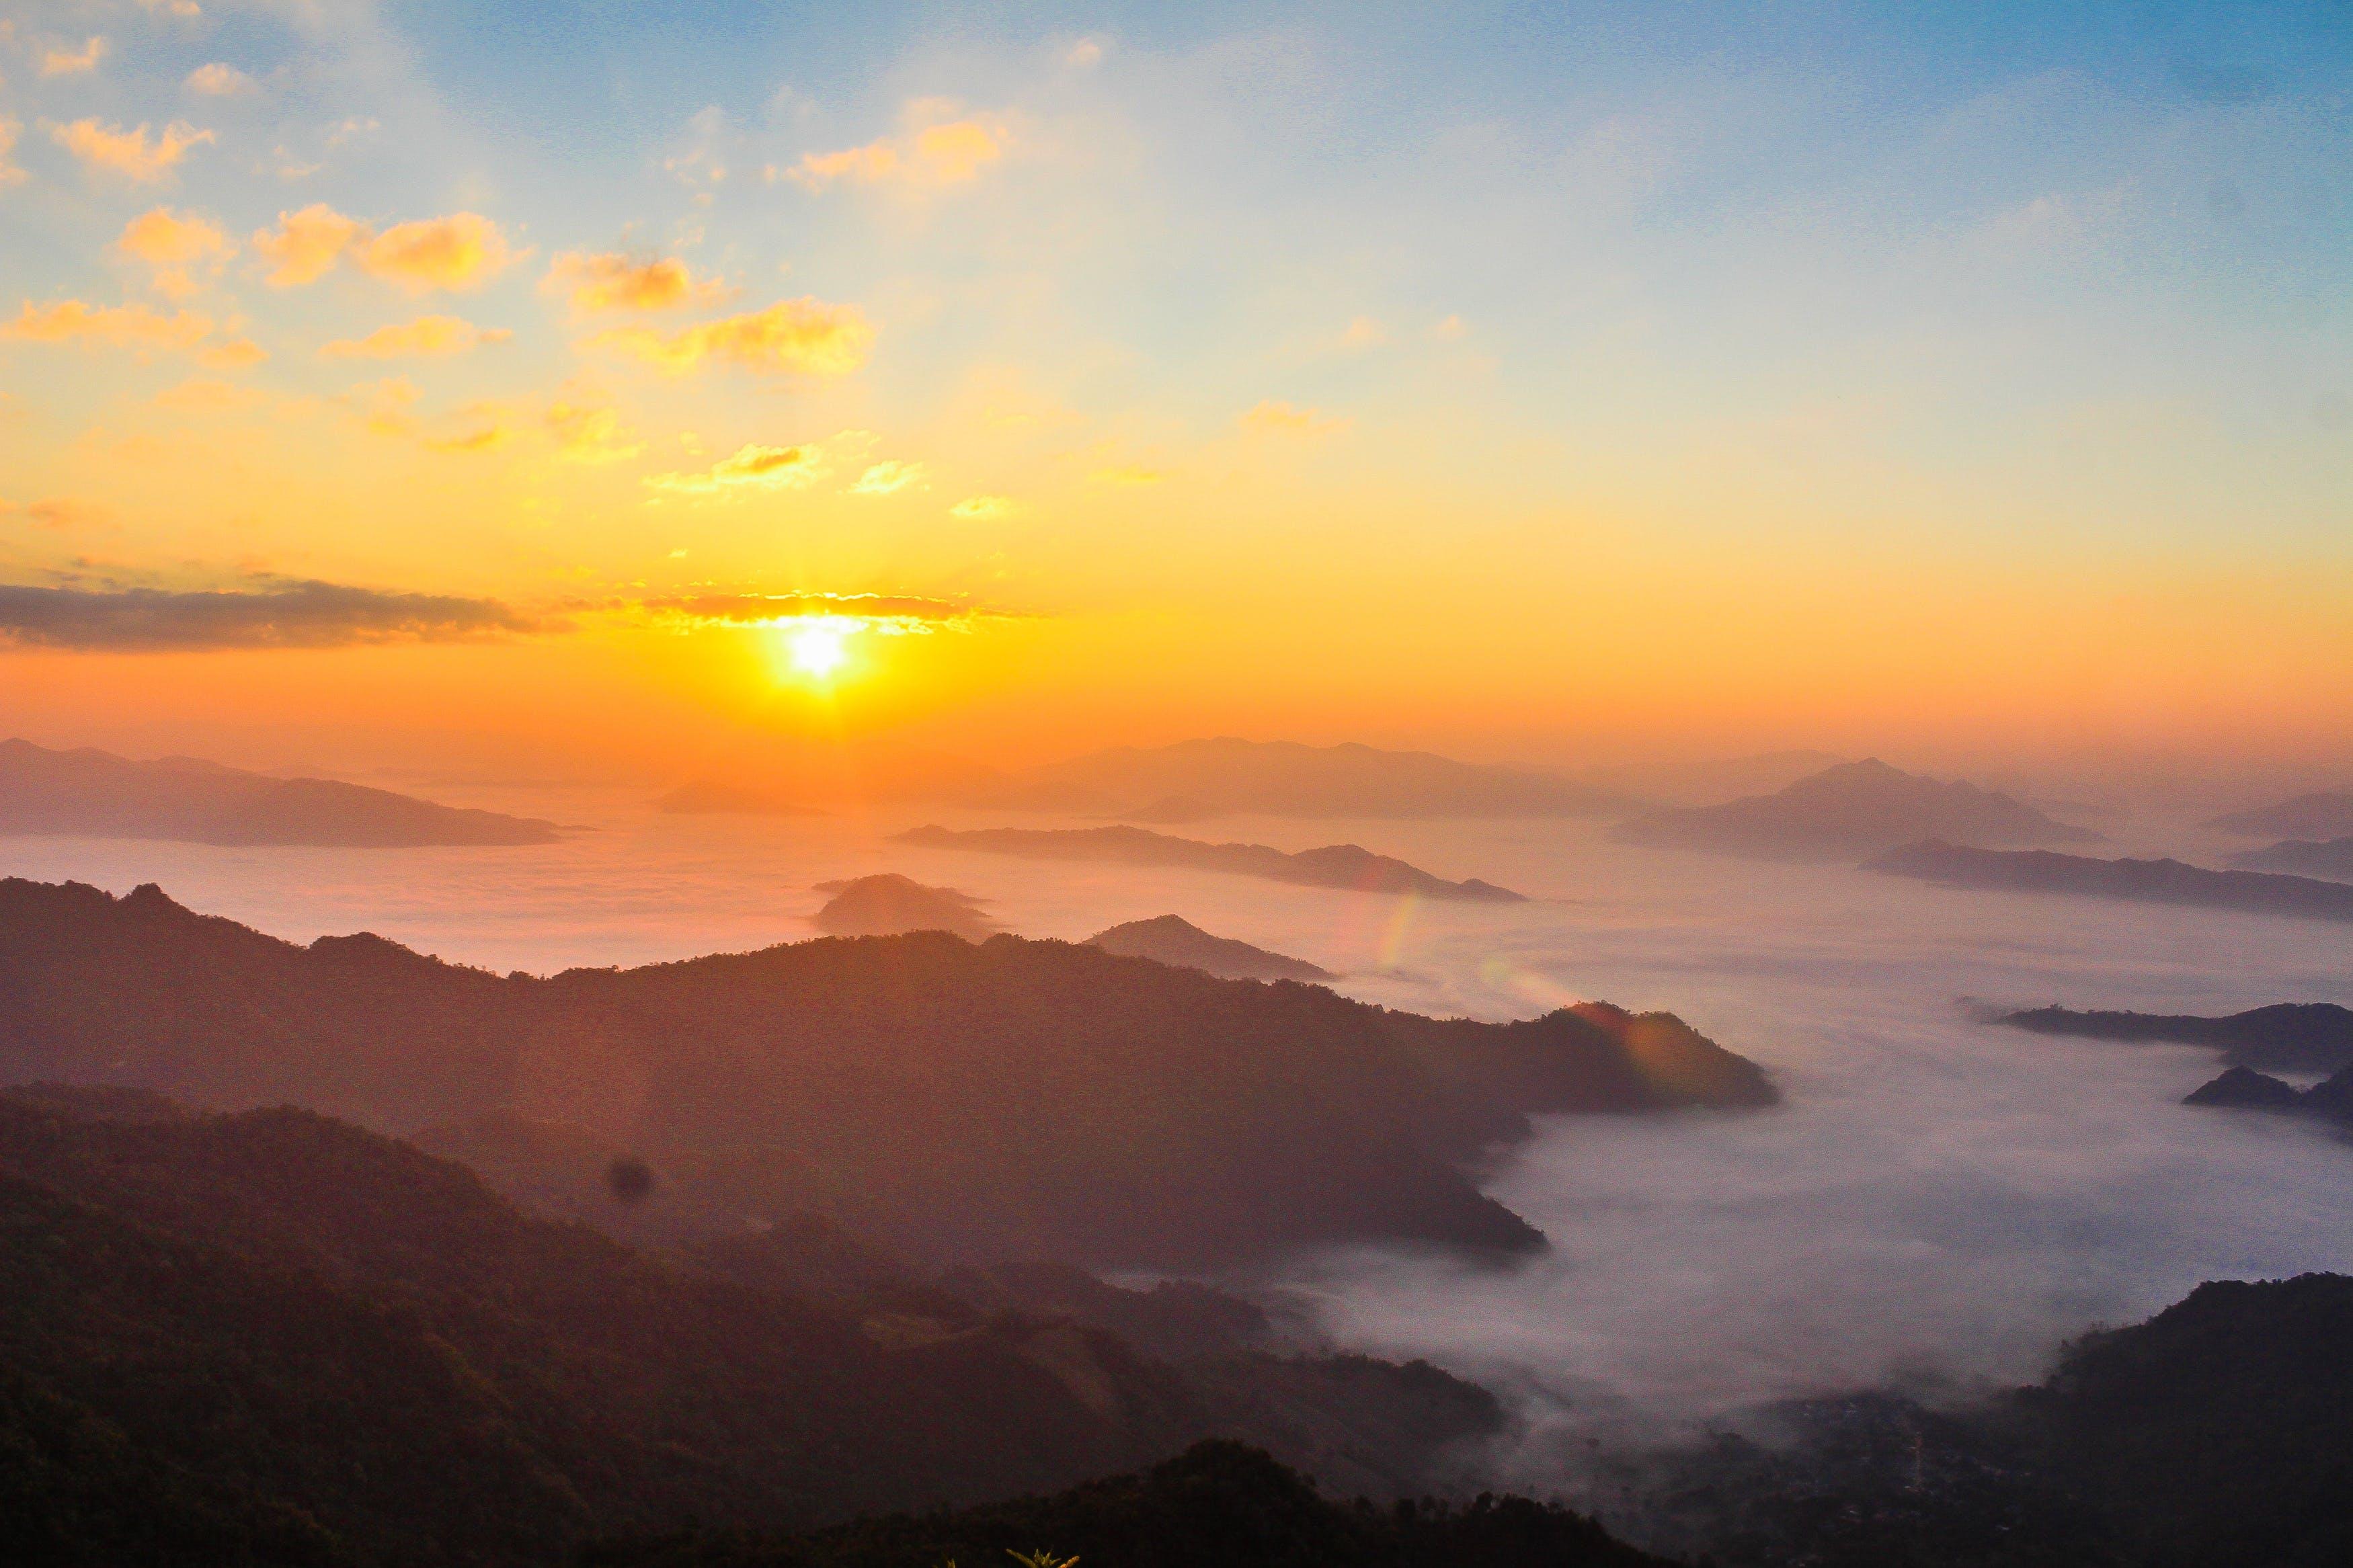 Fotos de stock gratuitas de alto, amanecer, aventura, bonito